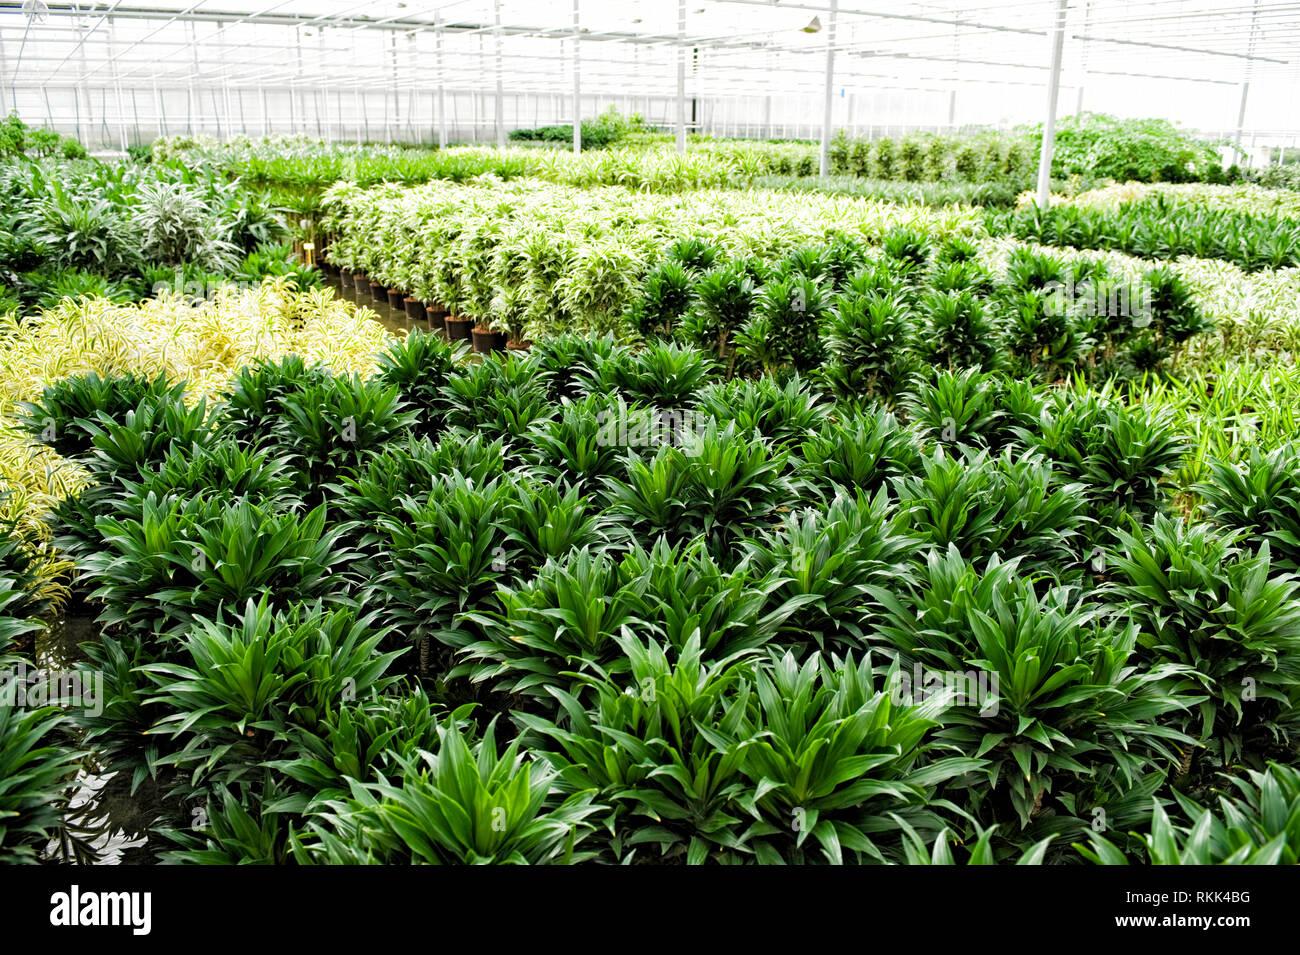 Gewaechshaus fuer Hydrokulturpflanzen das selber Energie erzeugt. Im Vordergrund stehen Dracaena Comacta Pflanzen. [ - Stock Image